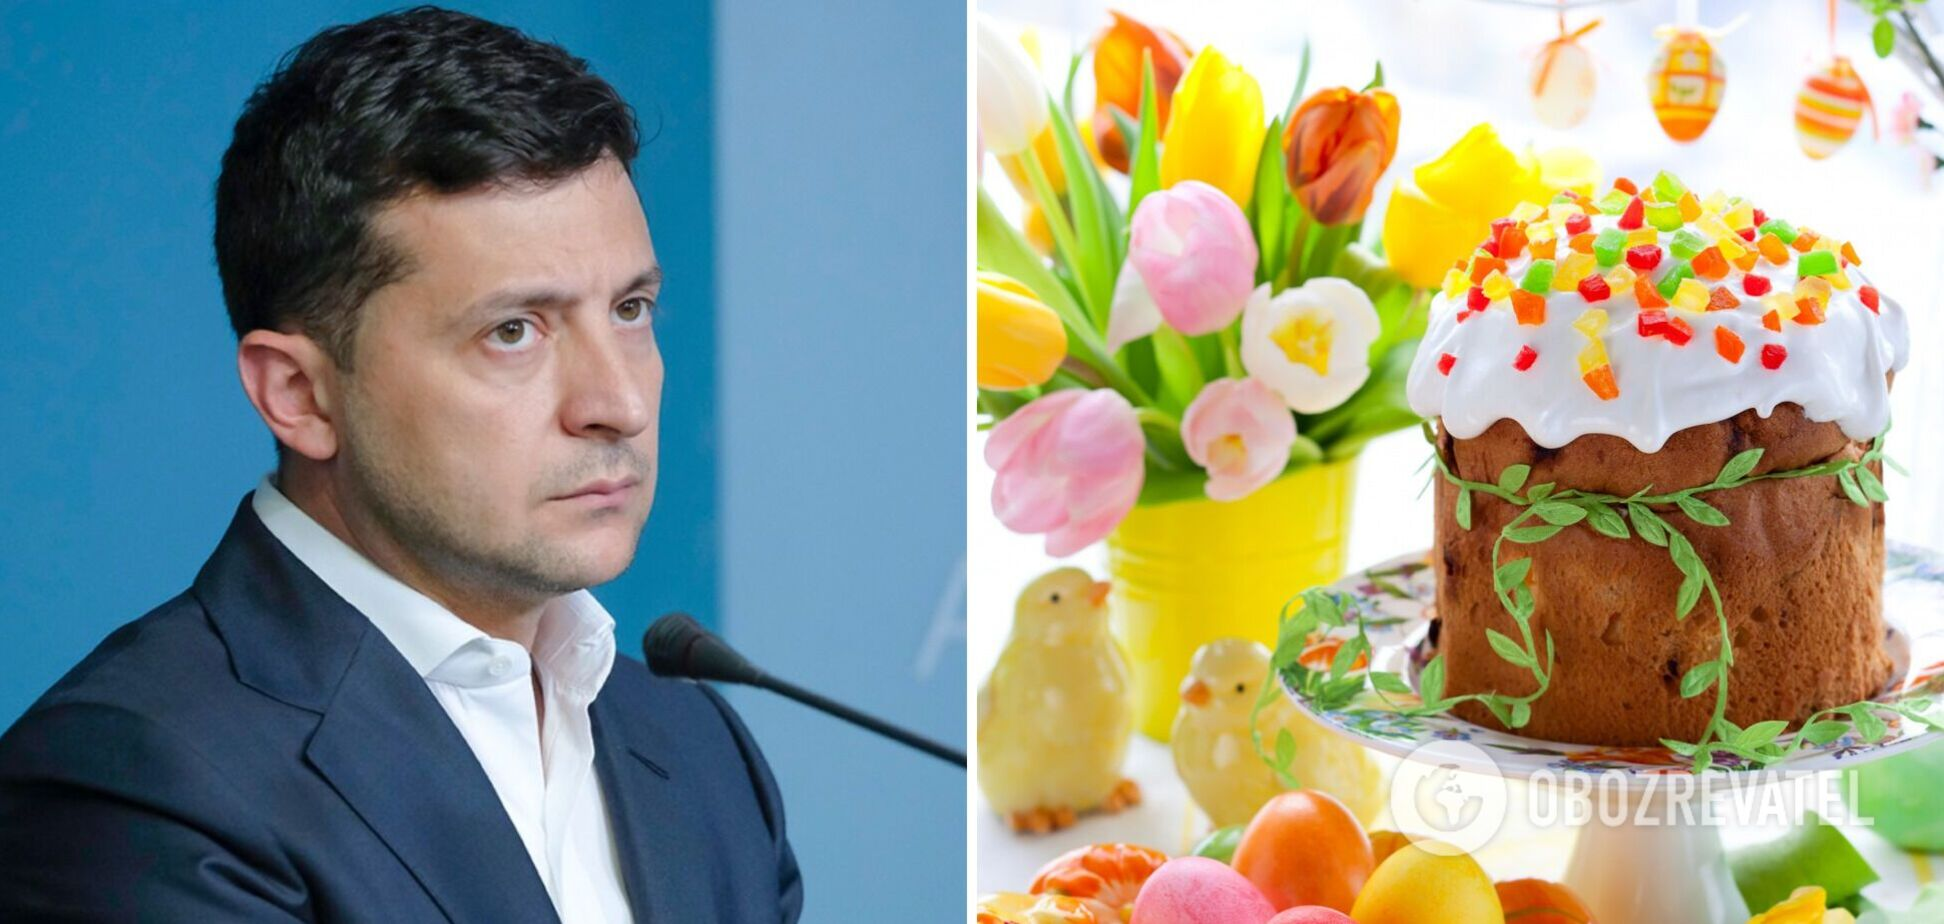 Зеленский поздравил украинцев с Пасхой и попросил отмечать дома. Видео